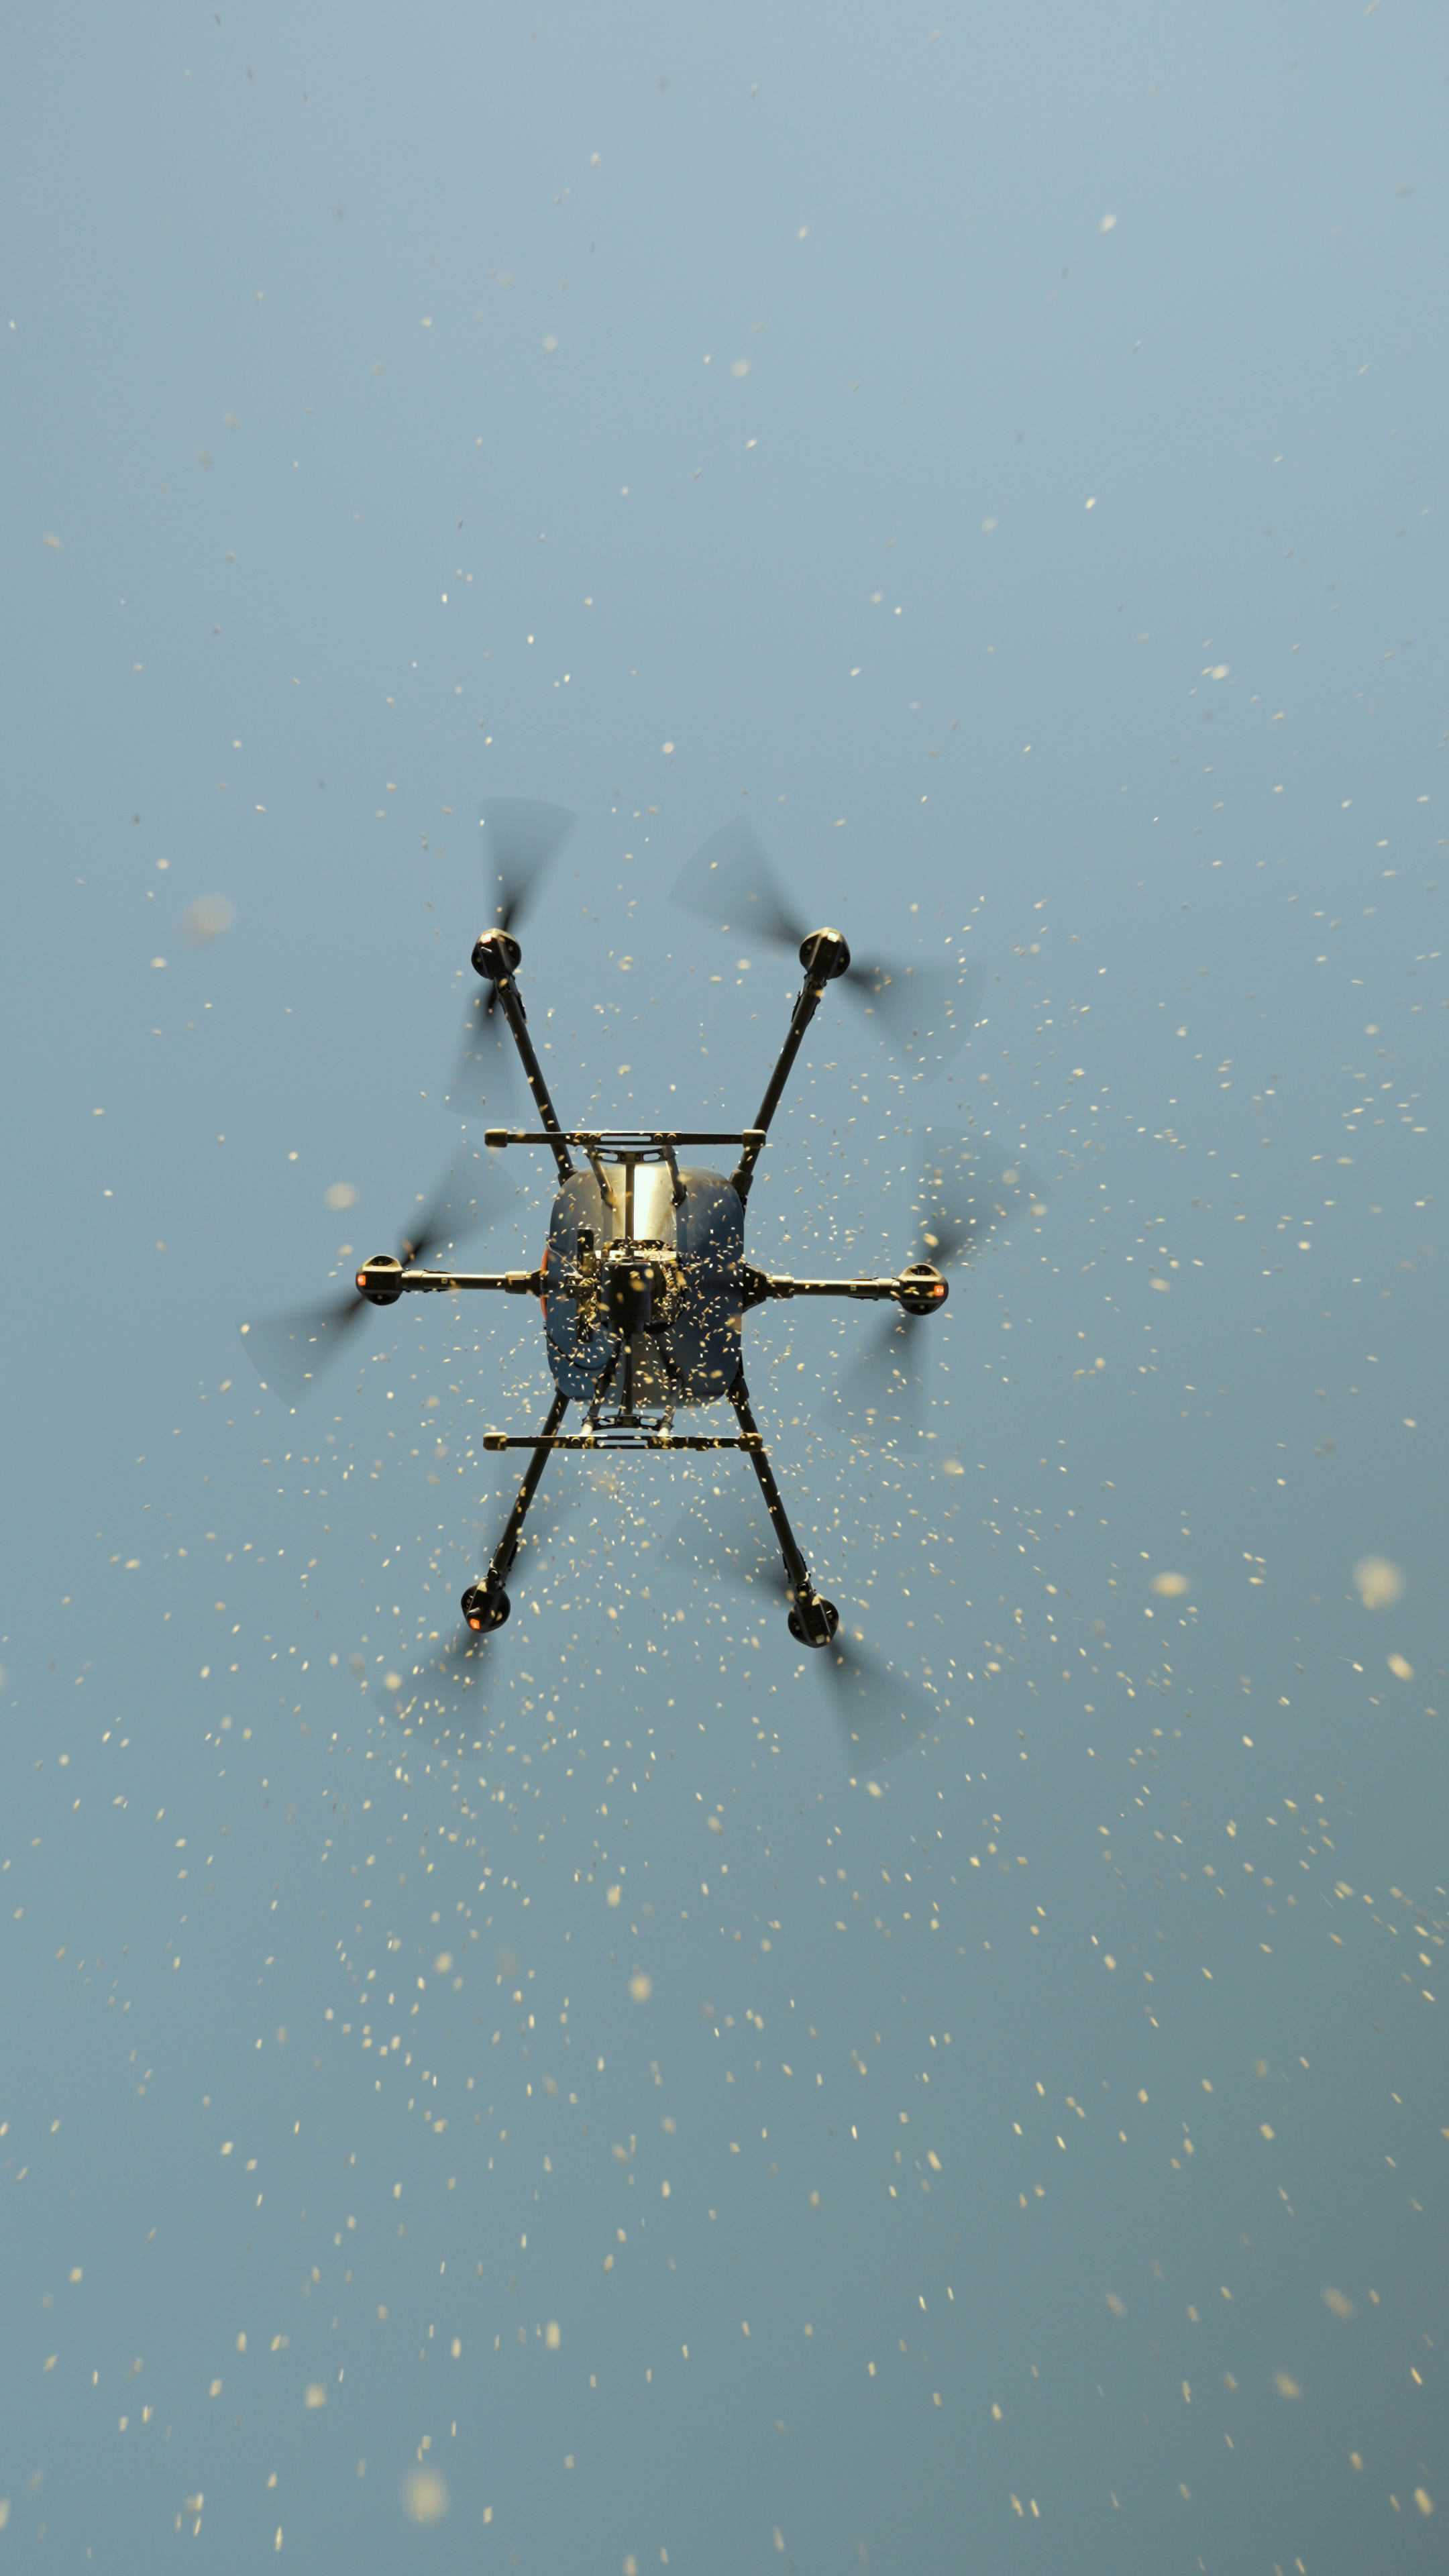 drone seeding